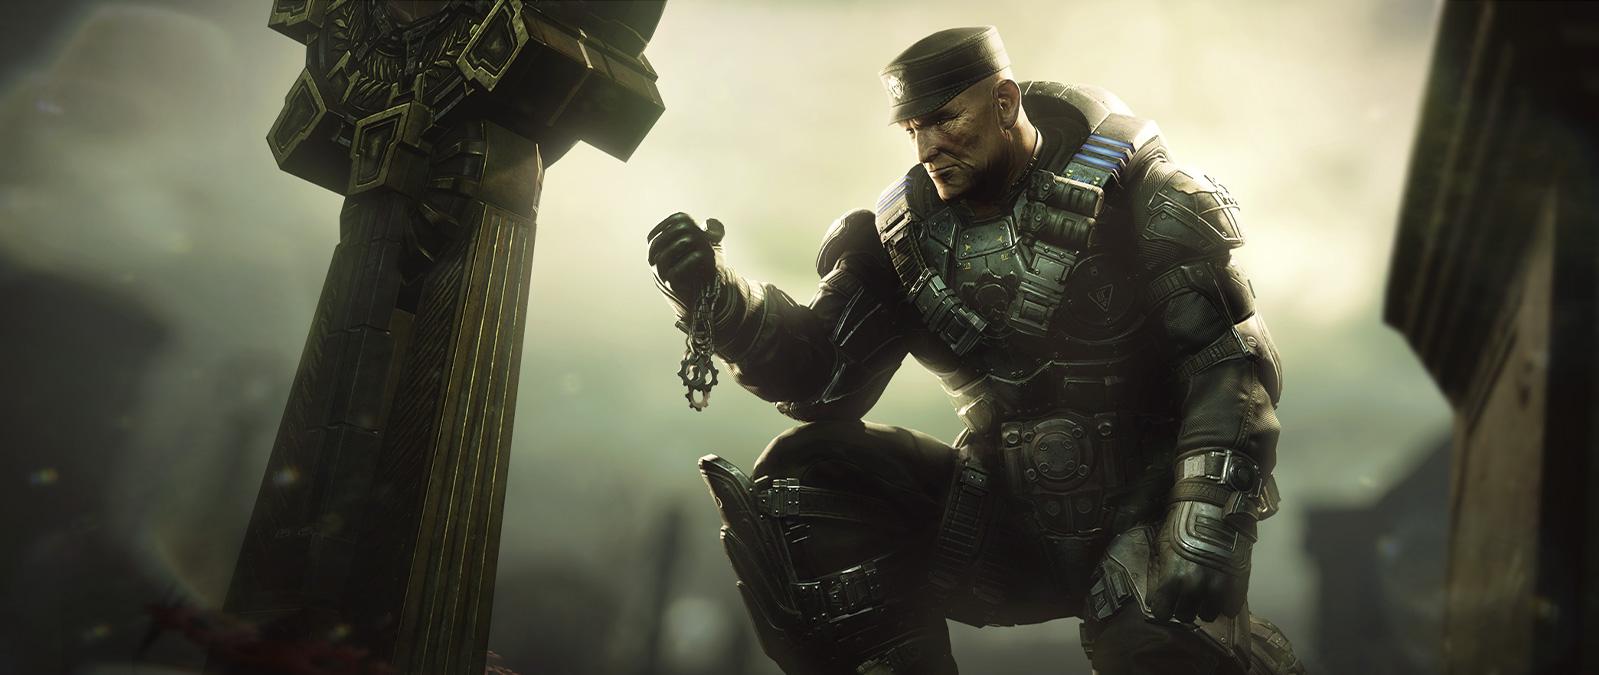 Un personaje de Gears 5 se arrodilla y sostiene un collar.